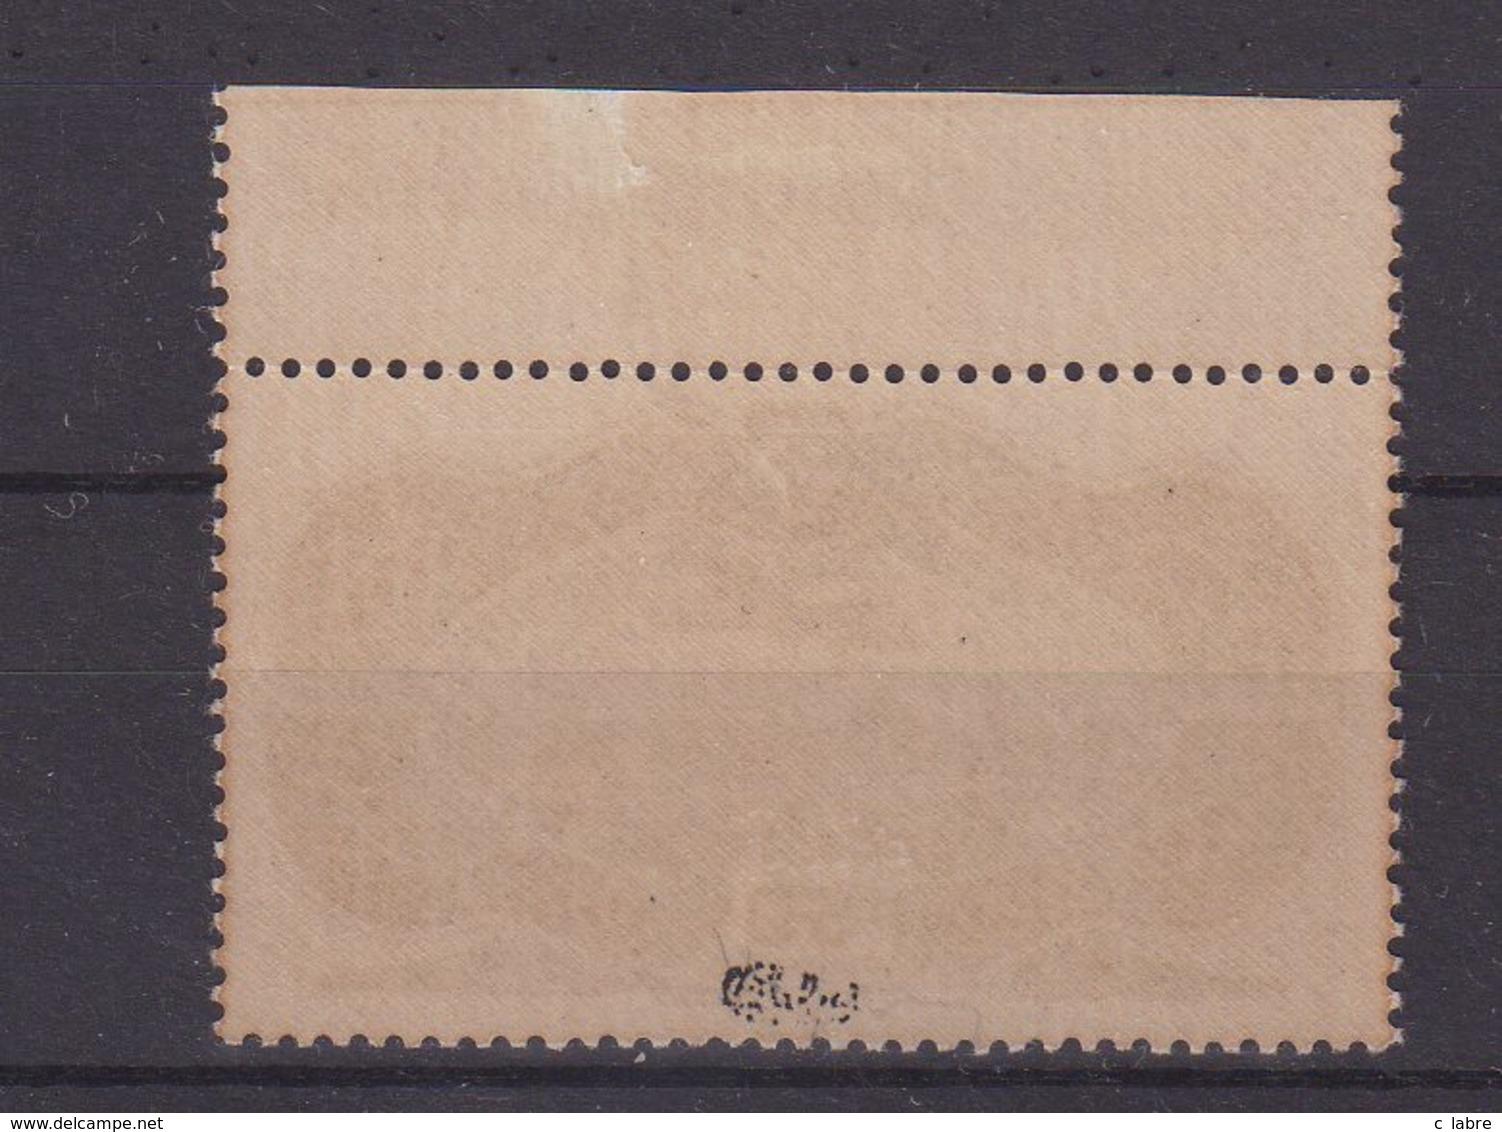 FRANCE : PA . N° 15 ** . HDF. SIGNE CALVES .  1936 . ( CATALOGUE YVERT )  . - Marcophilie (Timbres Détachés)